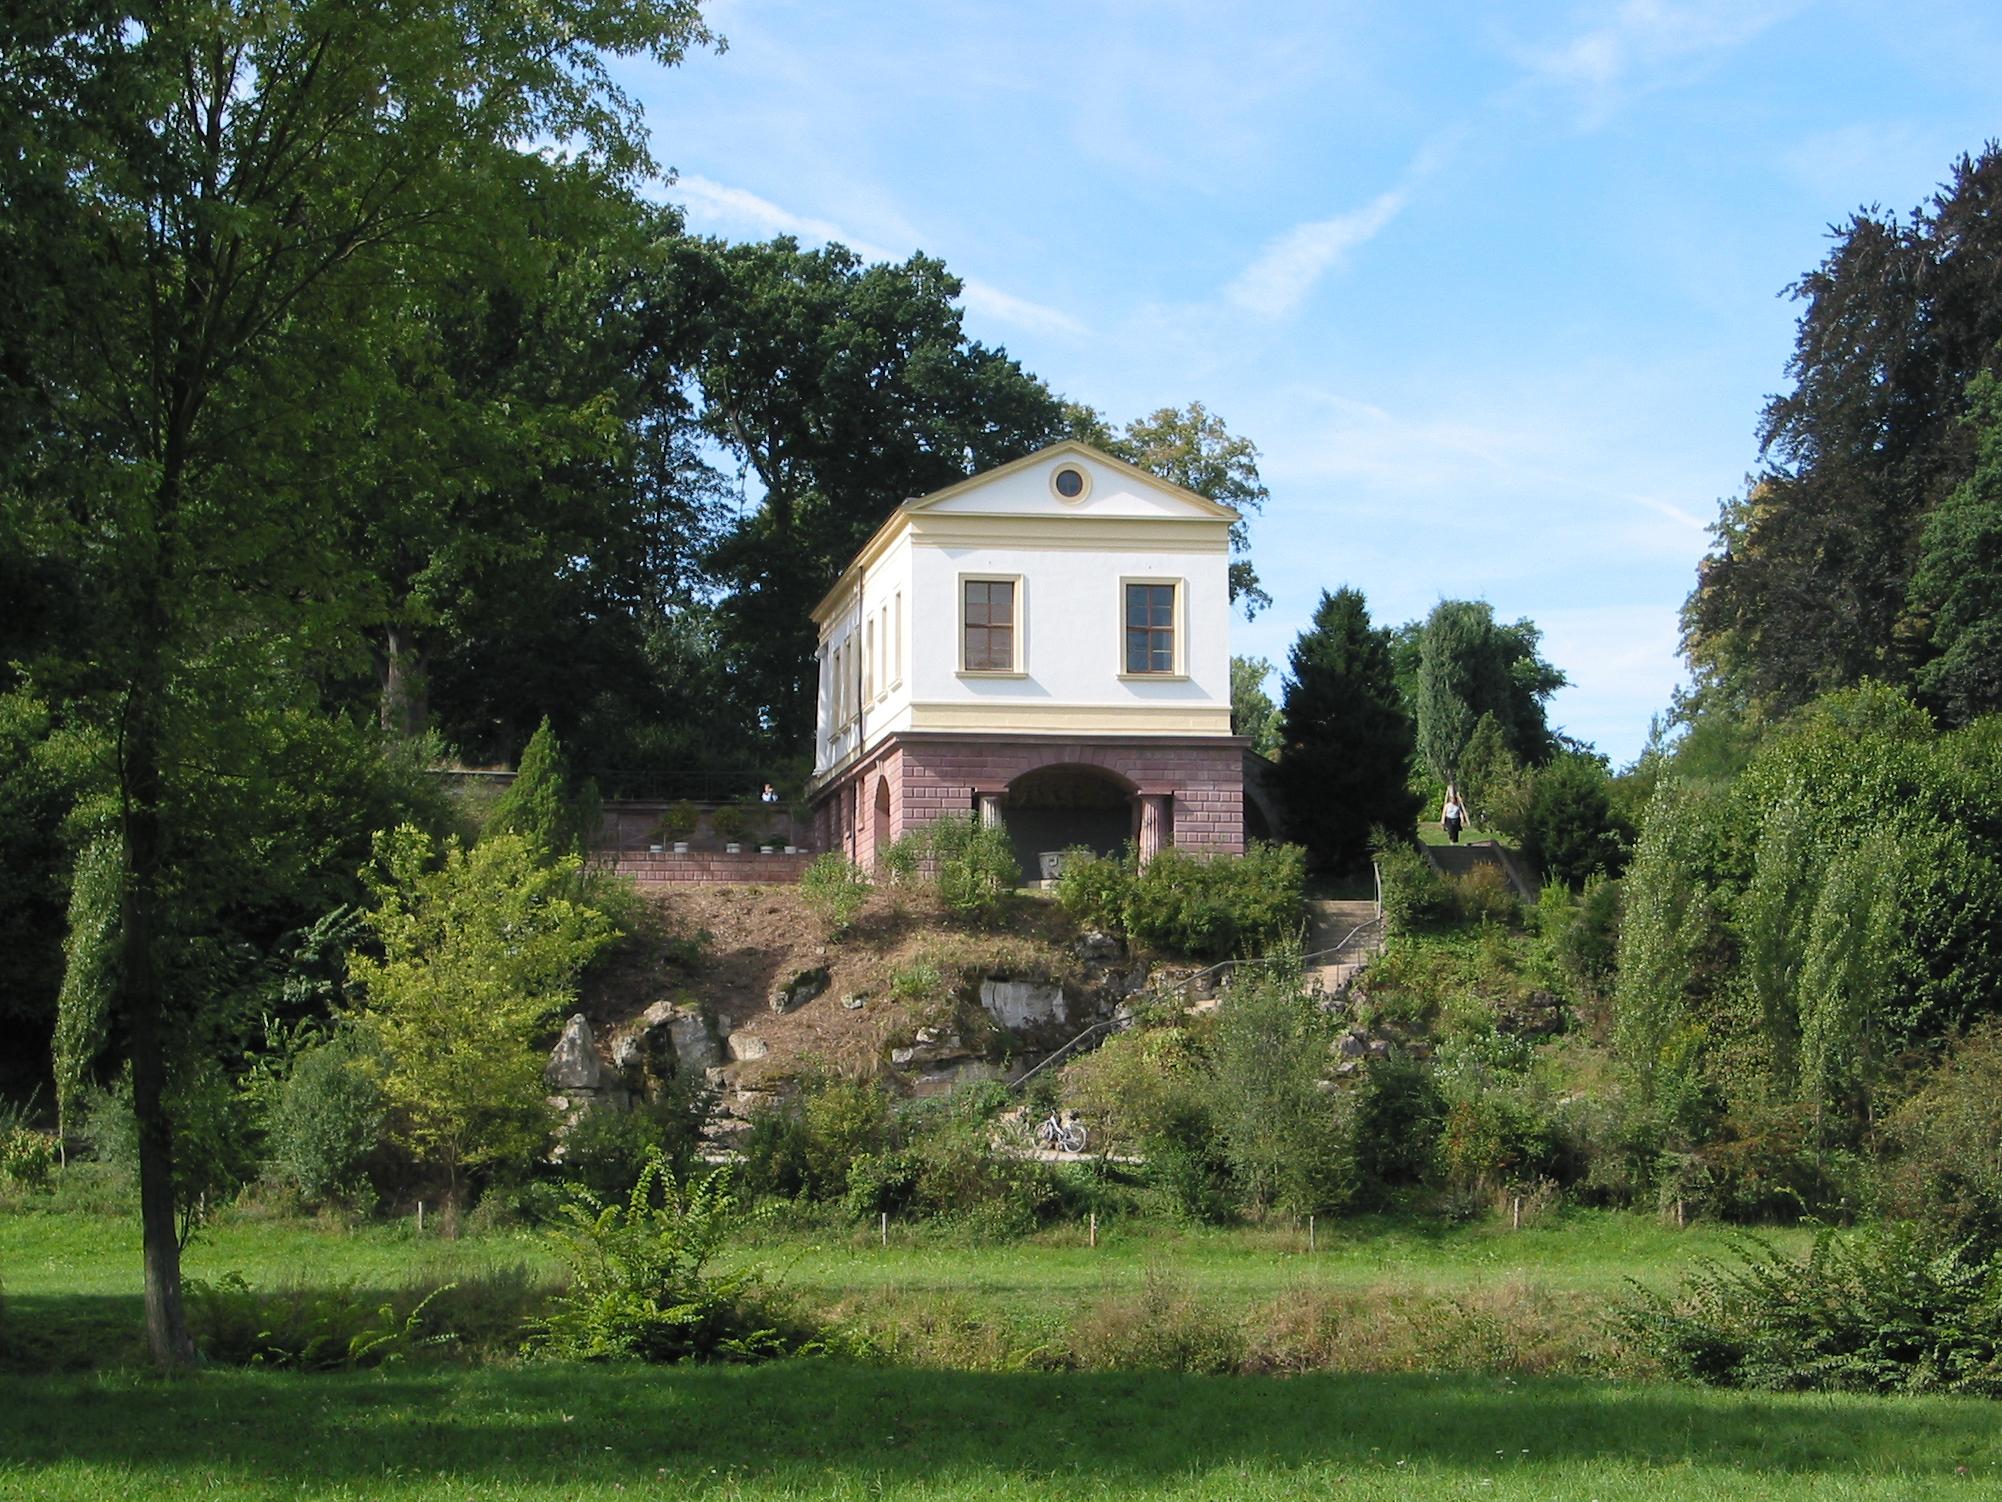 Römisches Haus im Park an der Ilm (Weimar).jpg